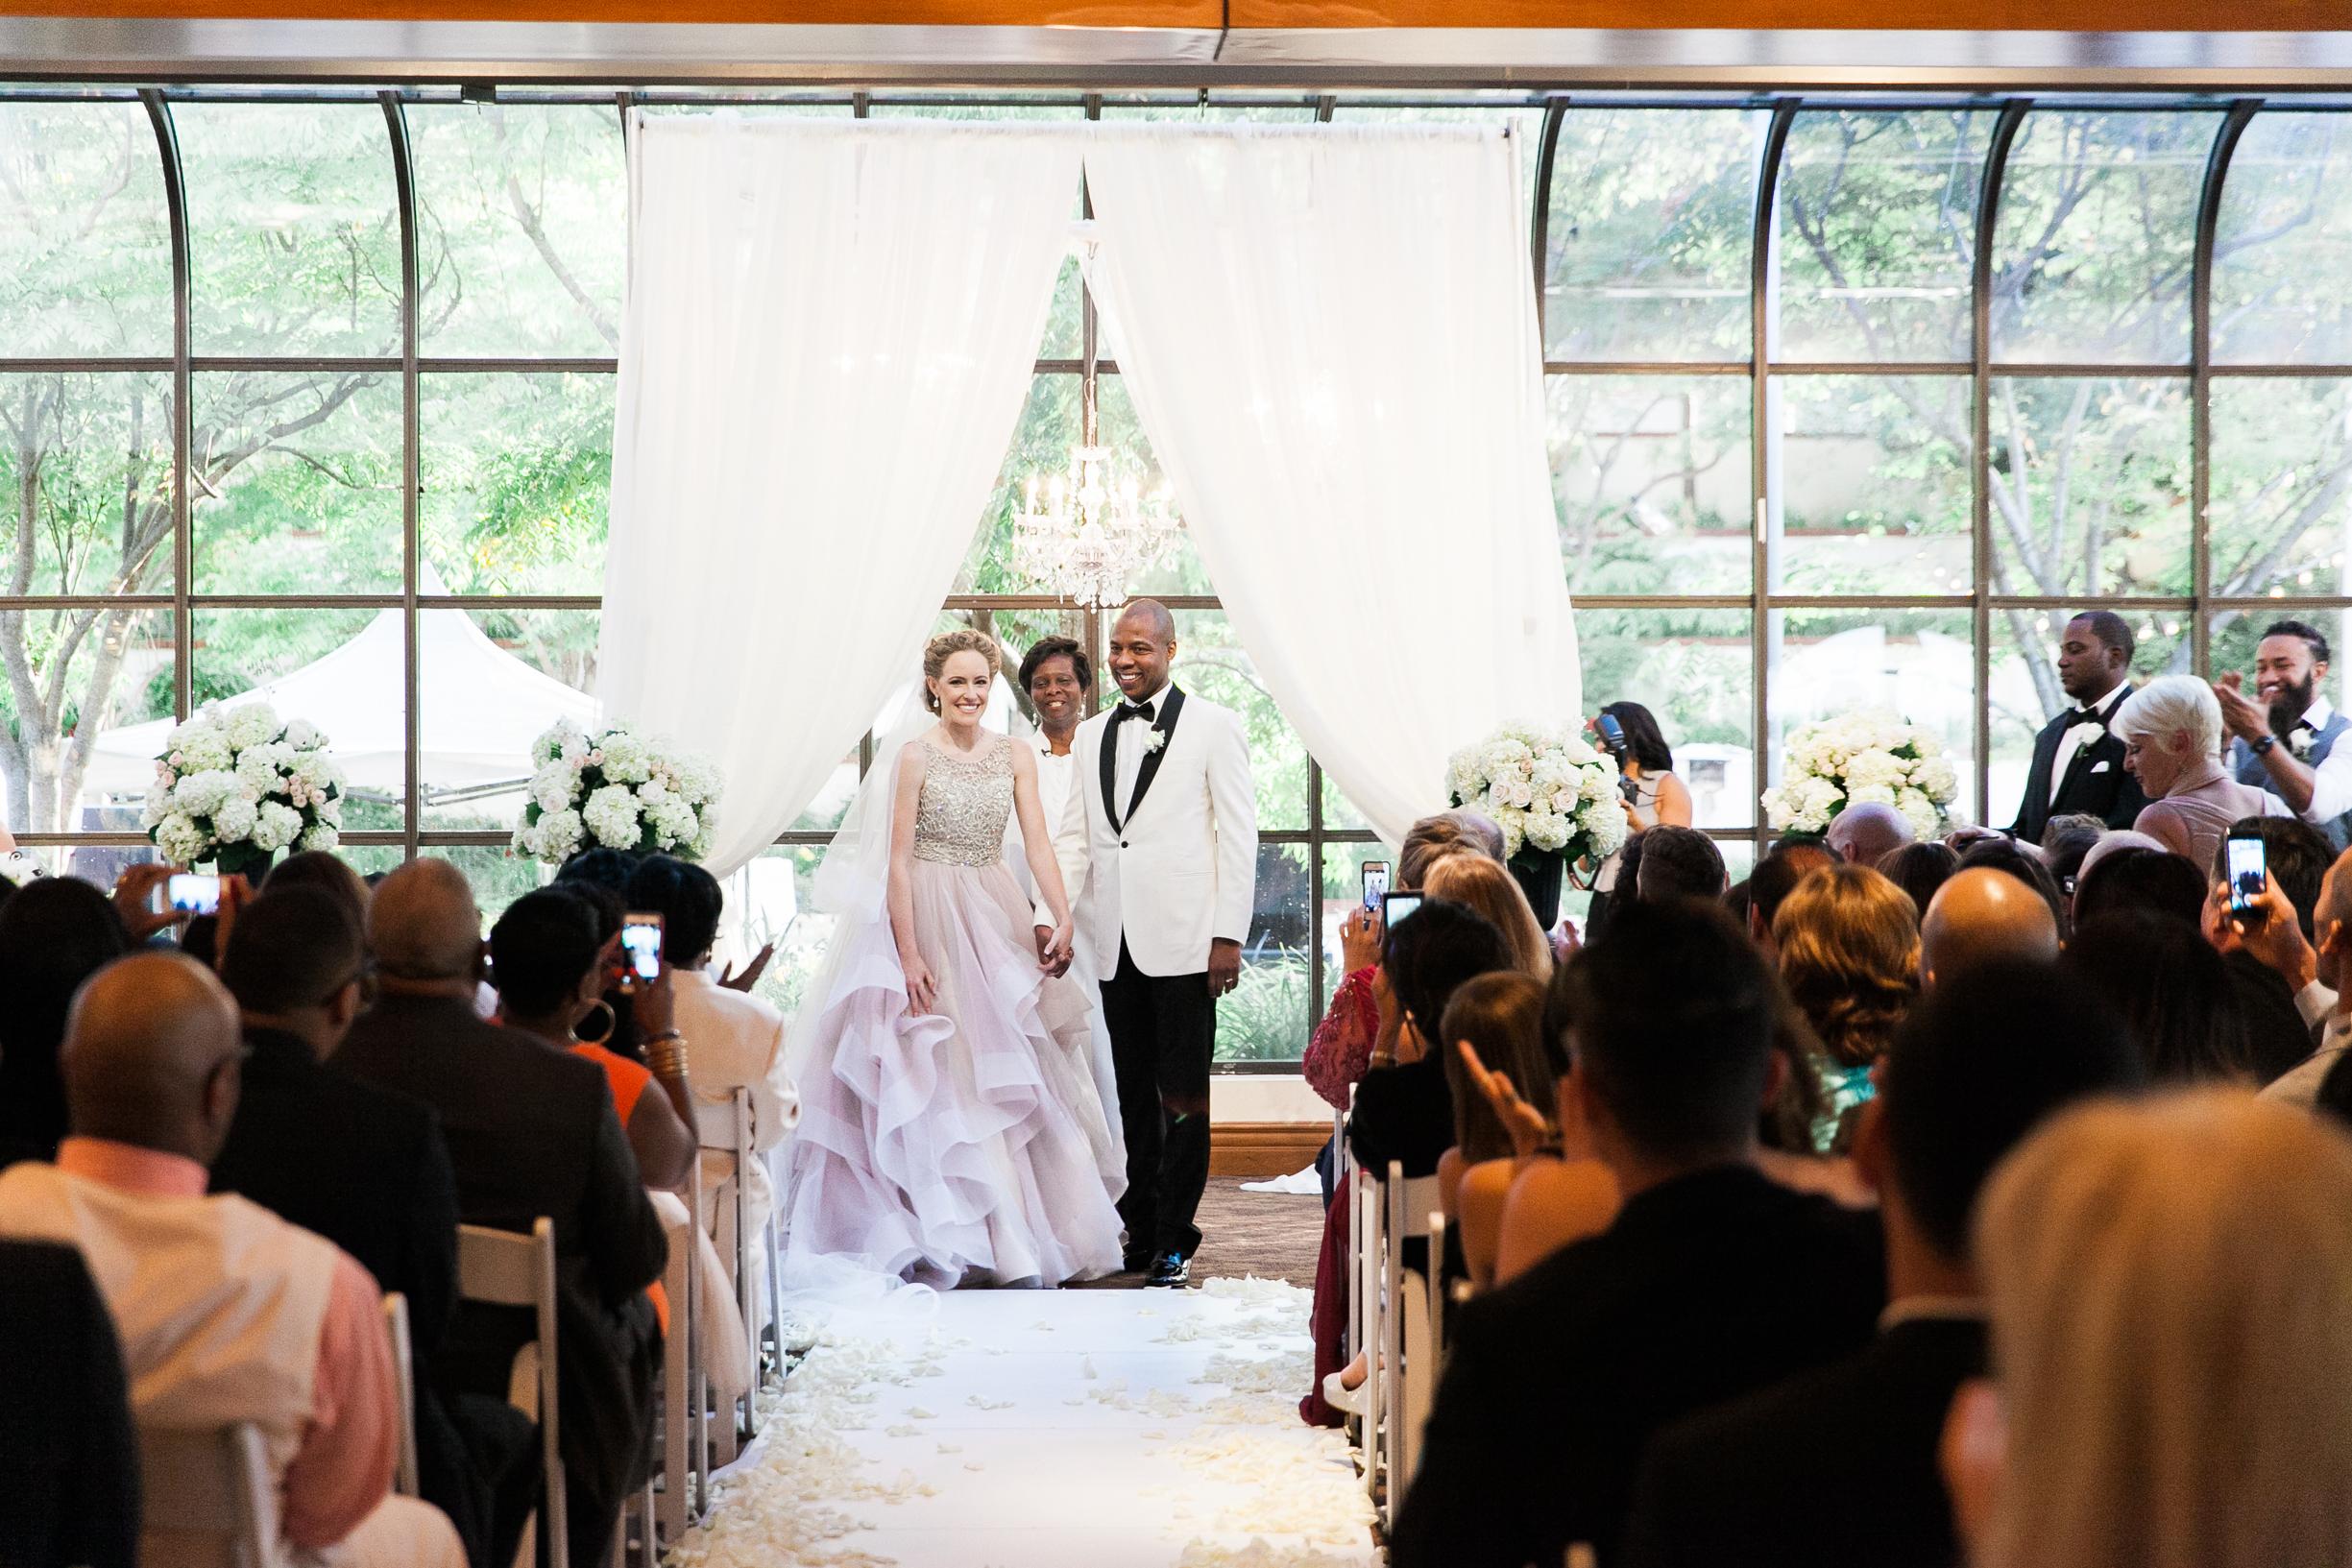 Los Angeles Wedding Venues | Country Club Receptions